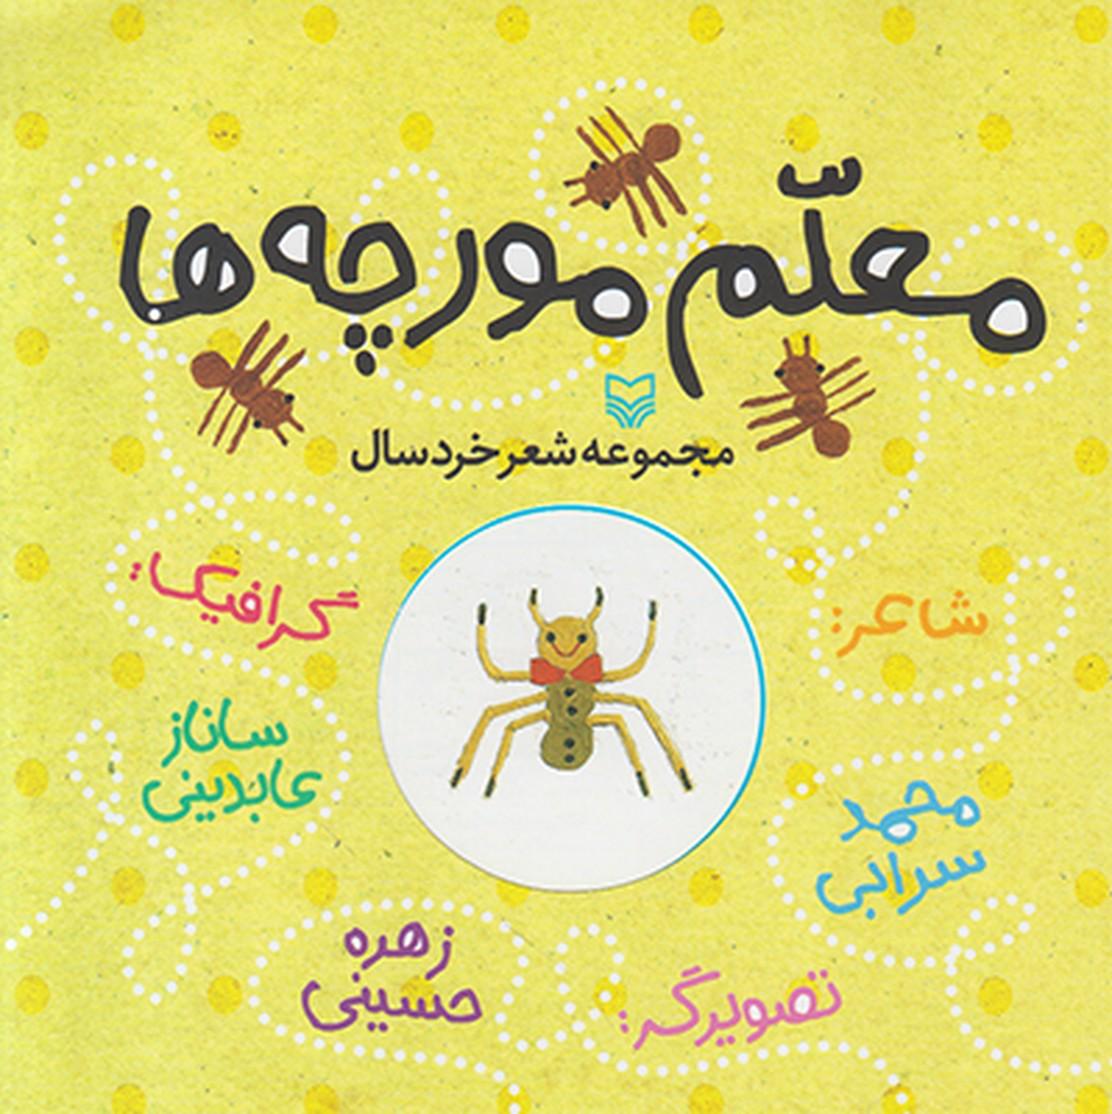 تصویر معلم مورچه ها